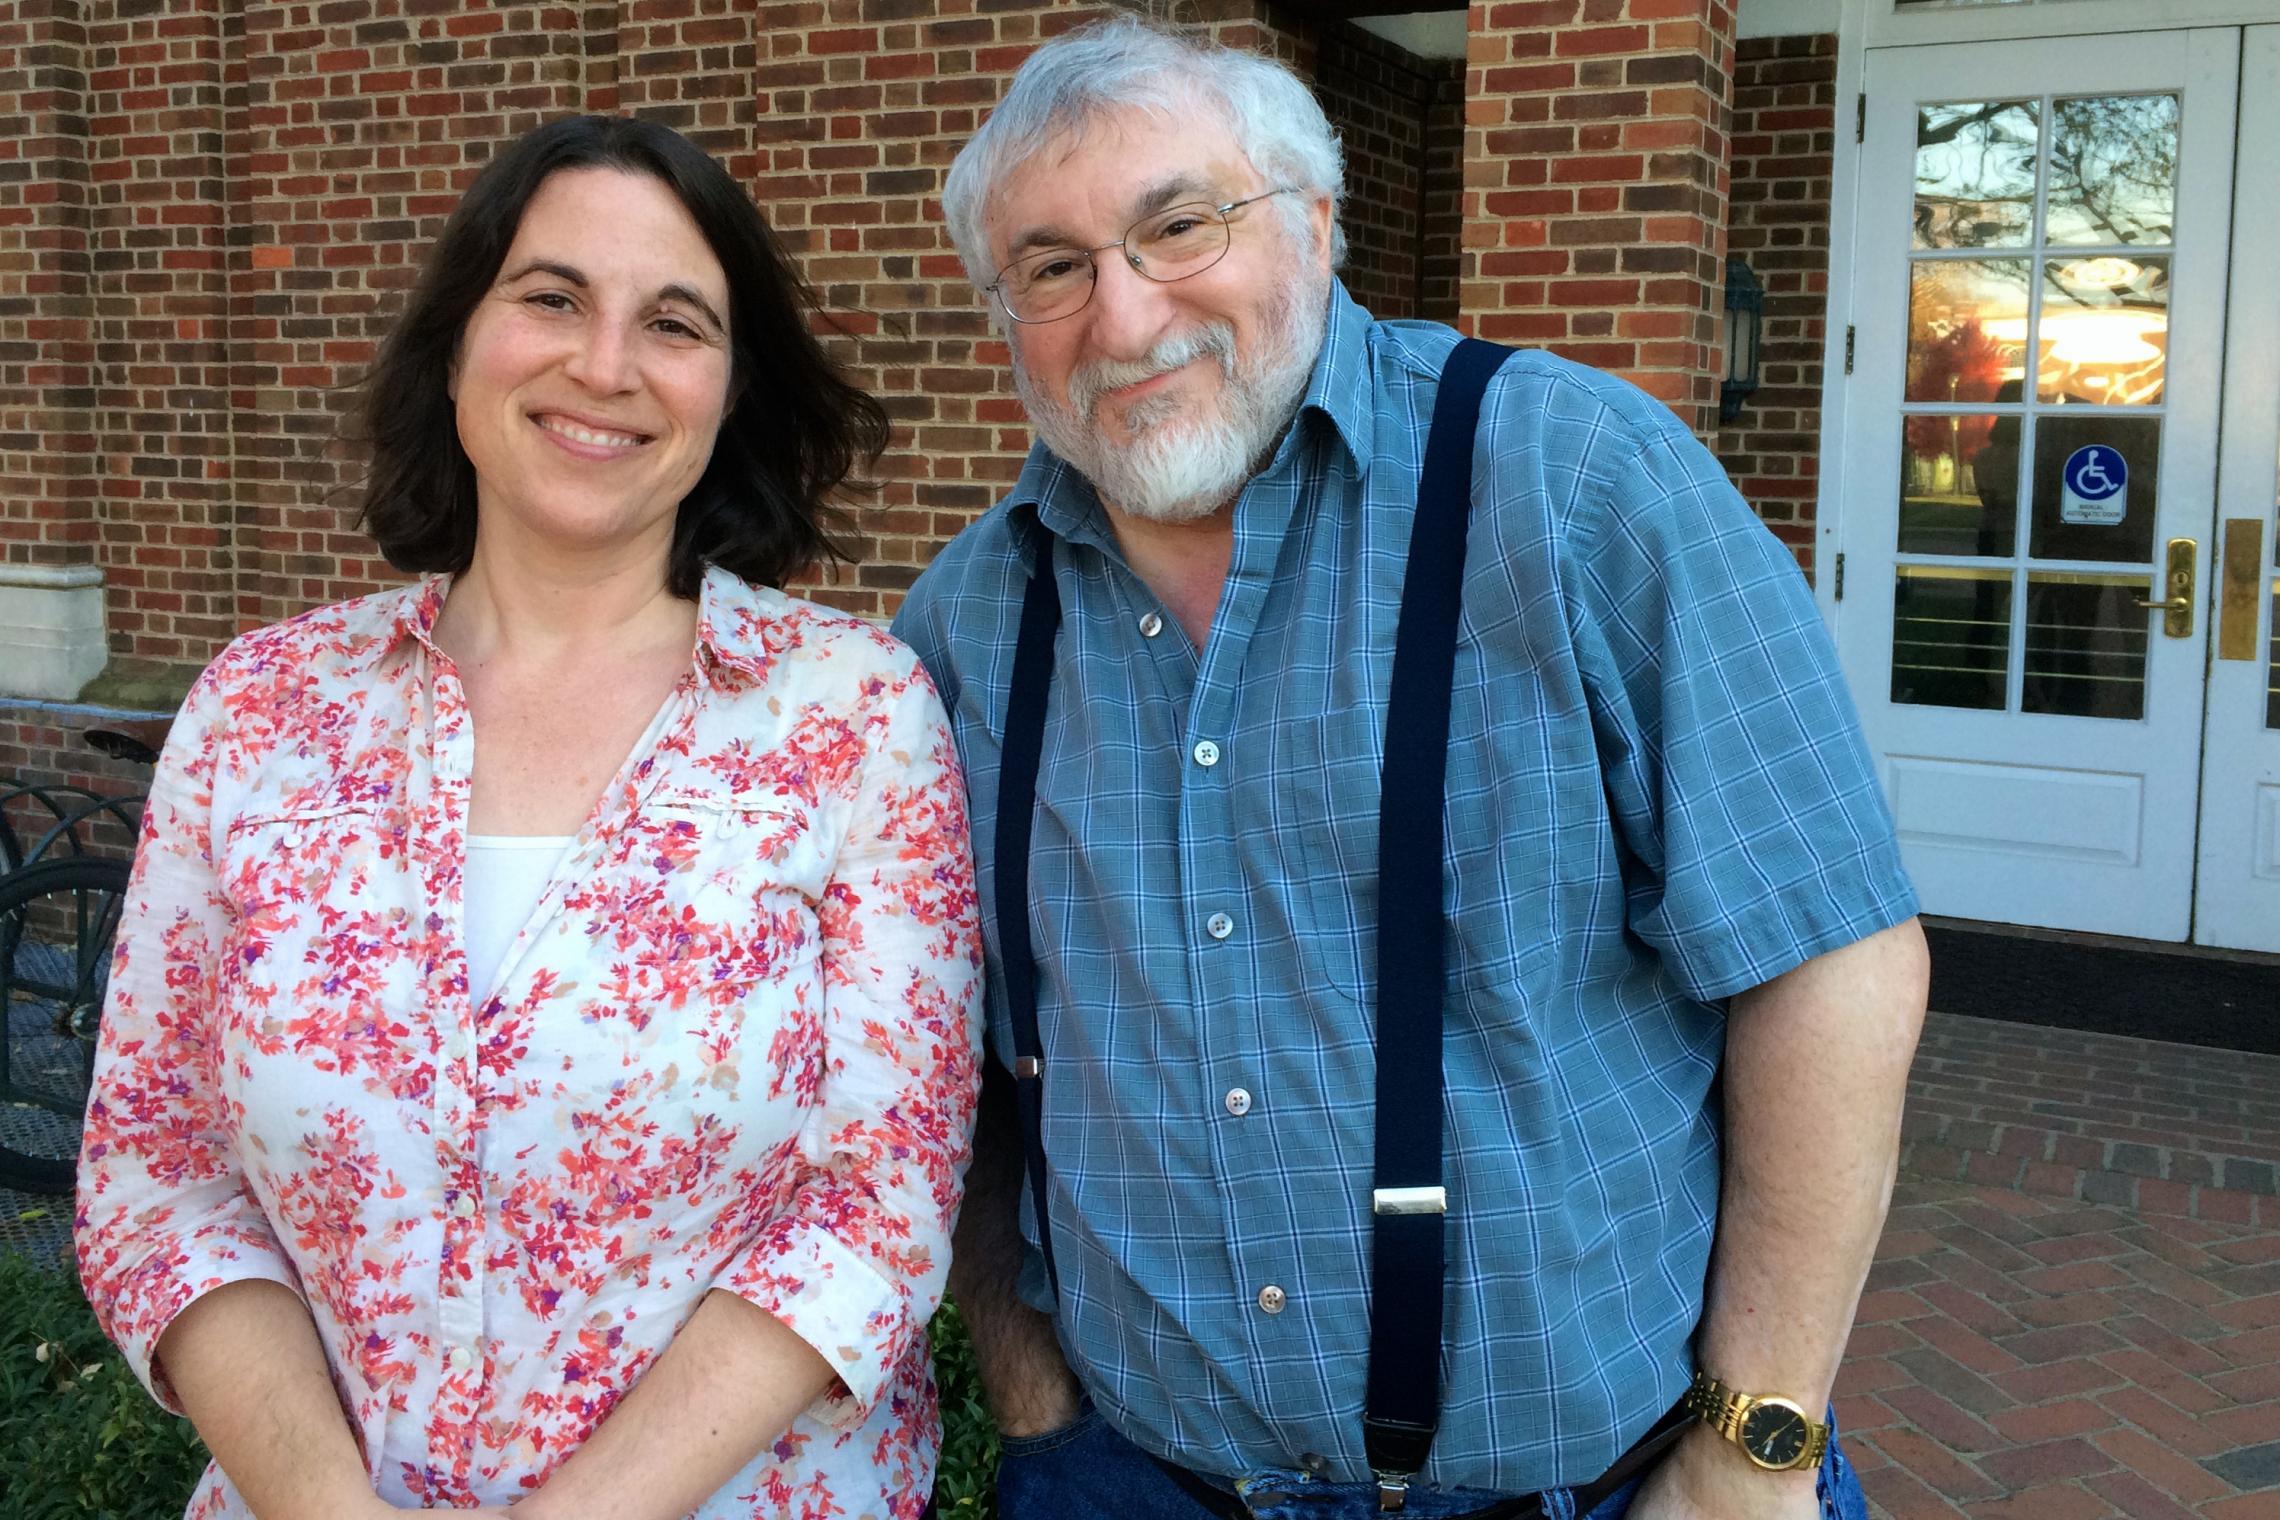 Leora Friedberg and Steven Stern